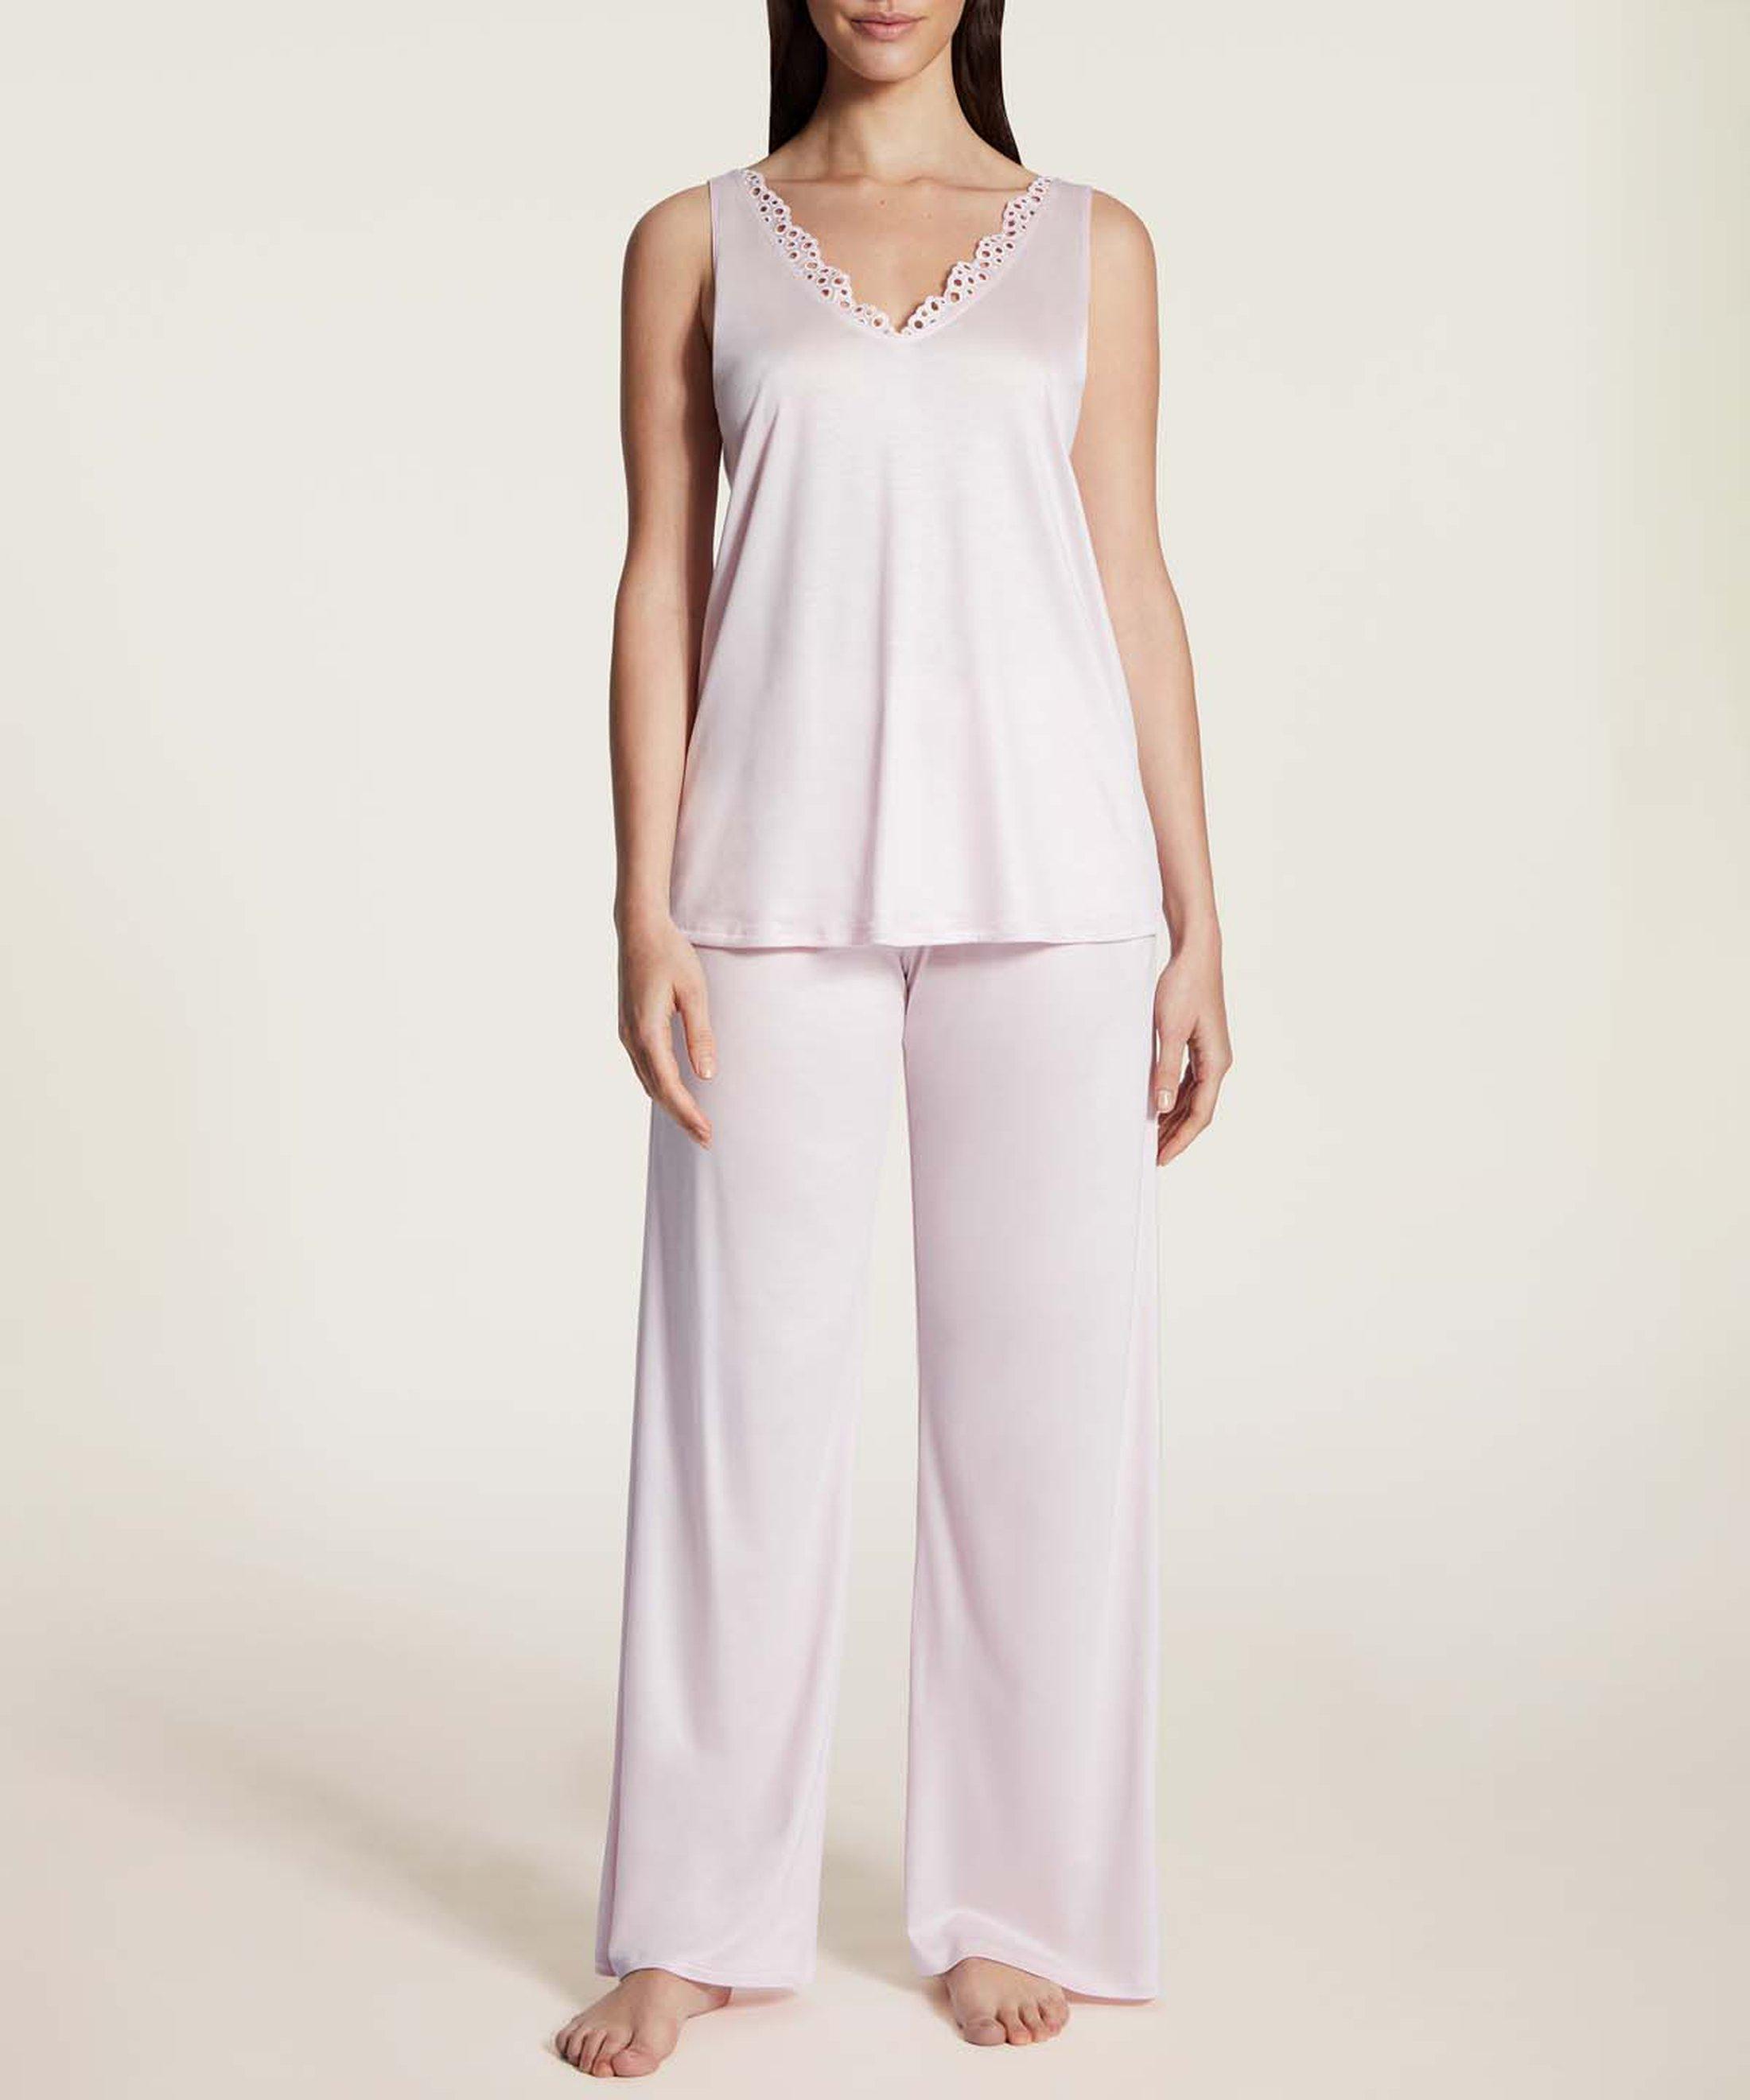 BULLE DE DOUCEUR Tencel Pants Light Pink | Aubade